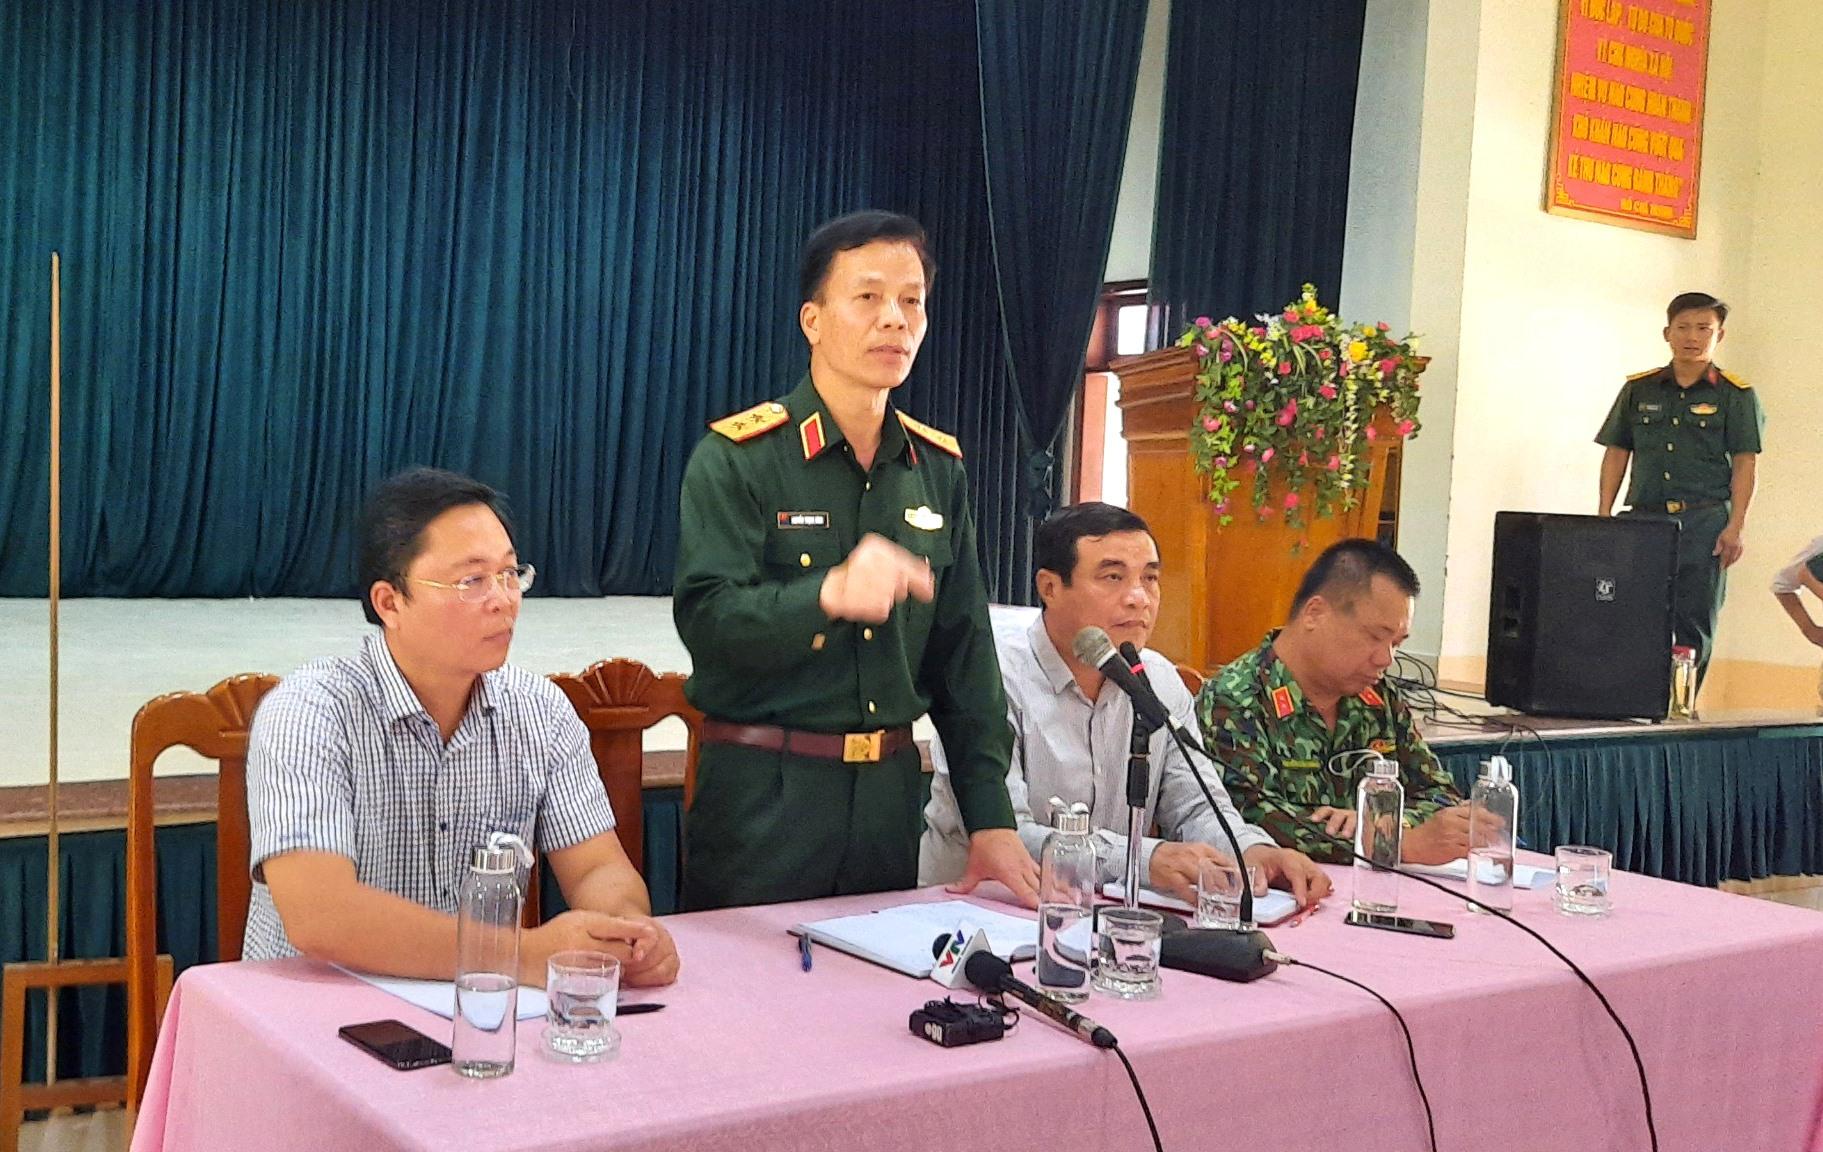 Trung tướng Nguyễn Trọng Bình đang chỉ đạo phương án tìm kiếm cứu nạn. Ảnh: ĐOÀN ĐẠO - HỒ QUÂN